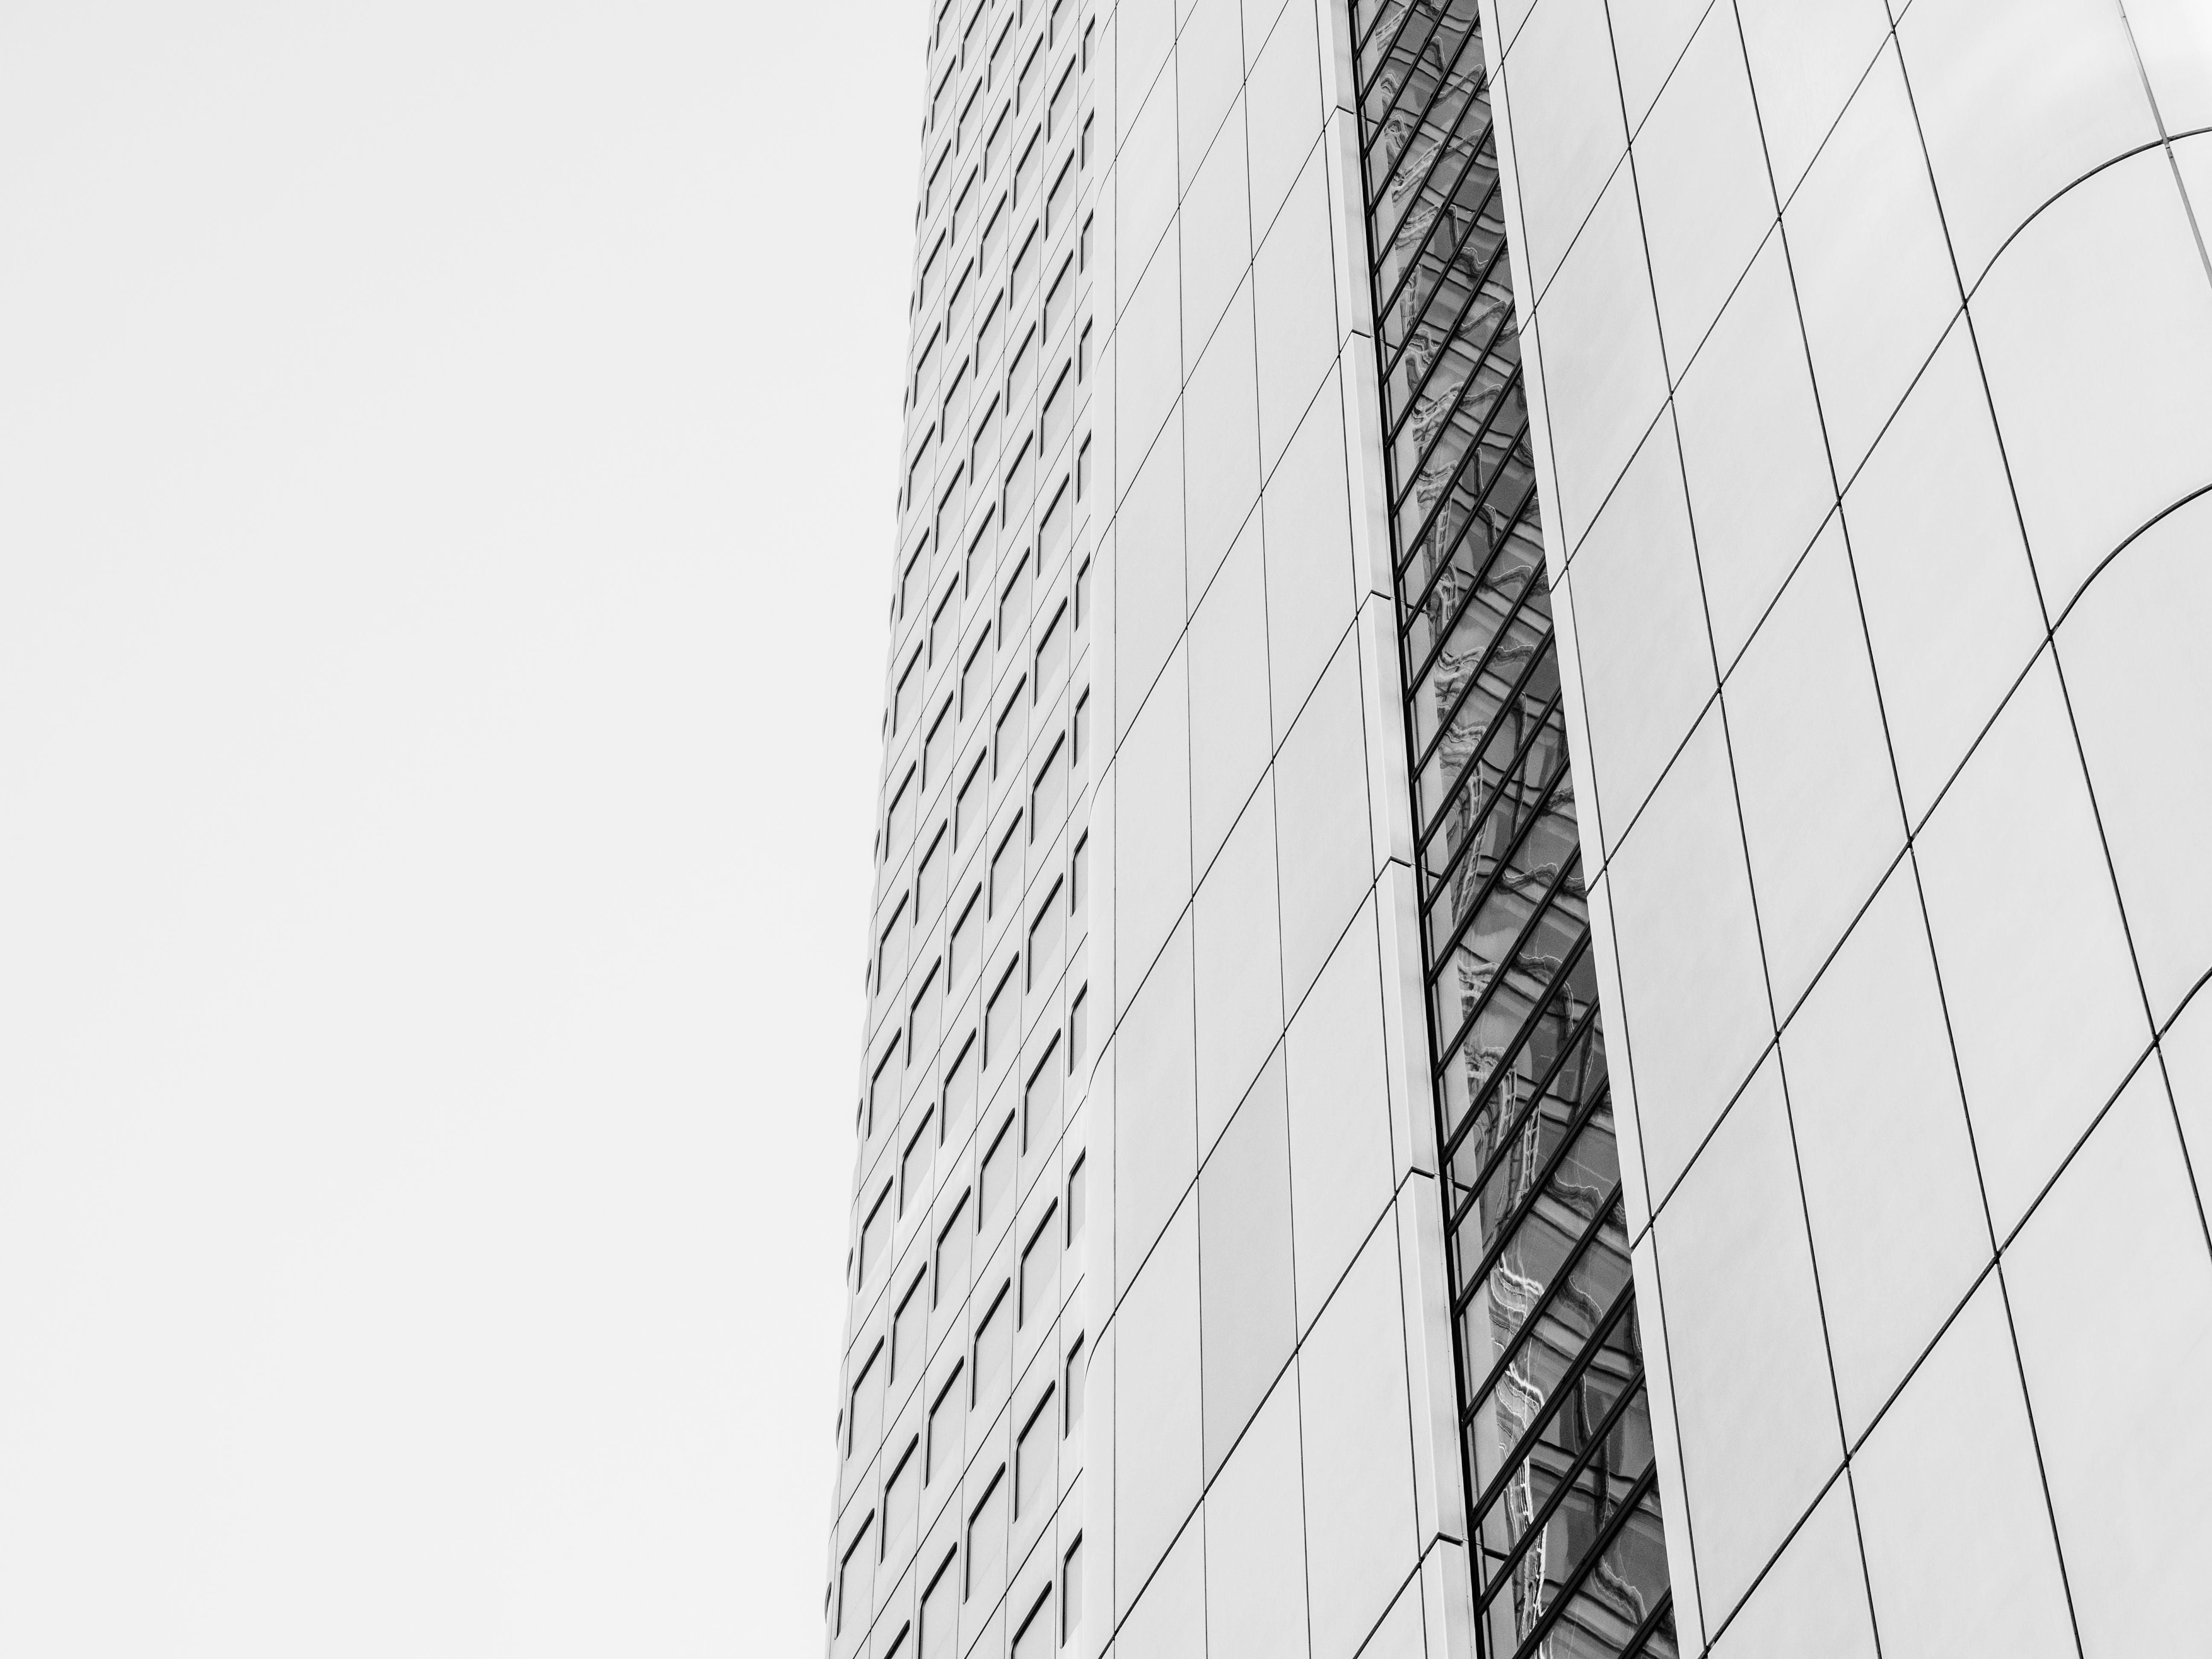 คลังภาพถ่ายฟรี ของ การออกแบบสถาปัตยกรรม, ขาวดำ, มุมมอง, สถาปัตยกรรม